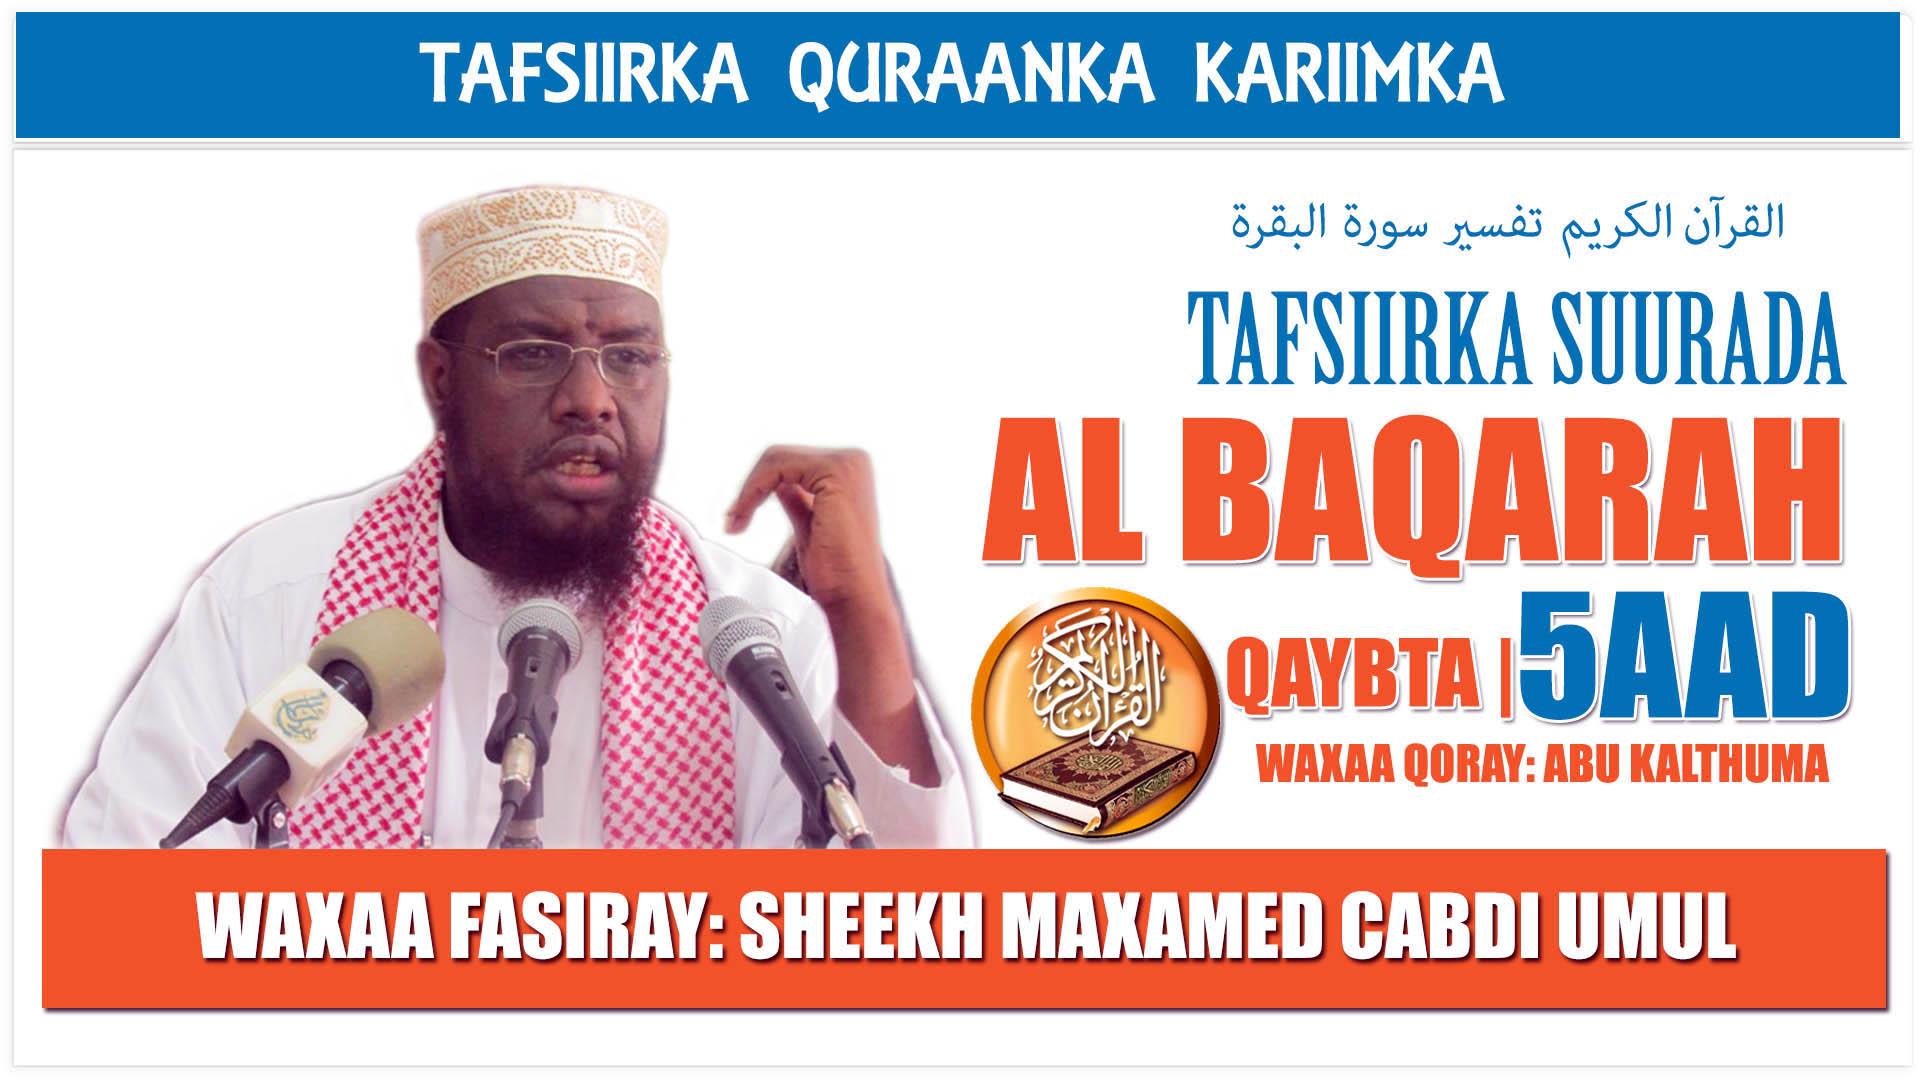 Tafsiirka Quraanka: Suurada al-Baqarah – Qaybta 5aad